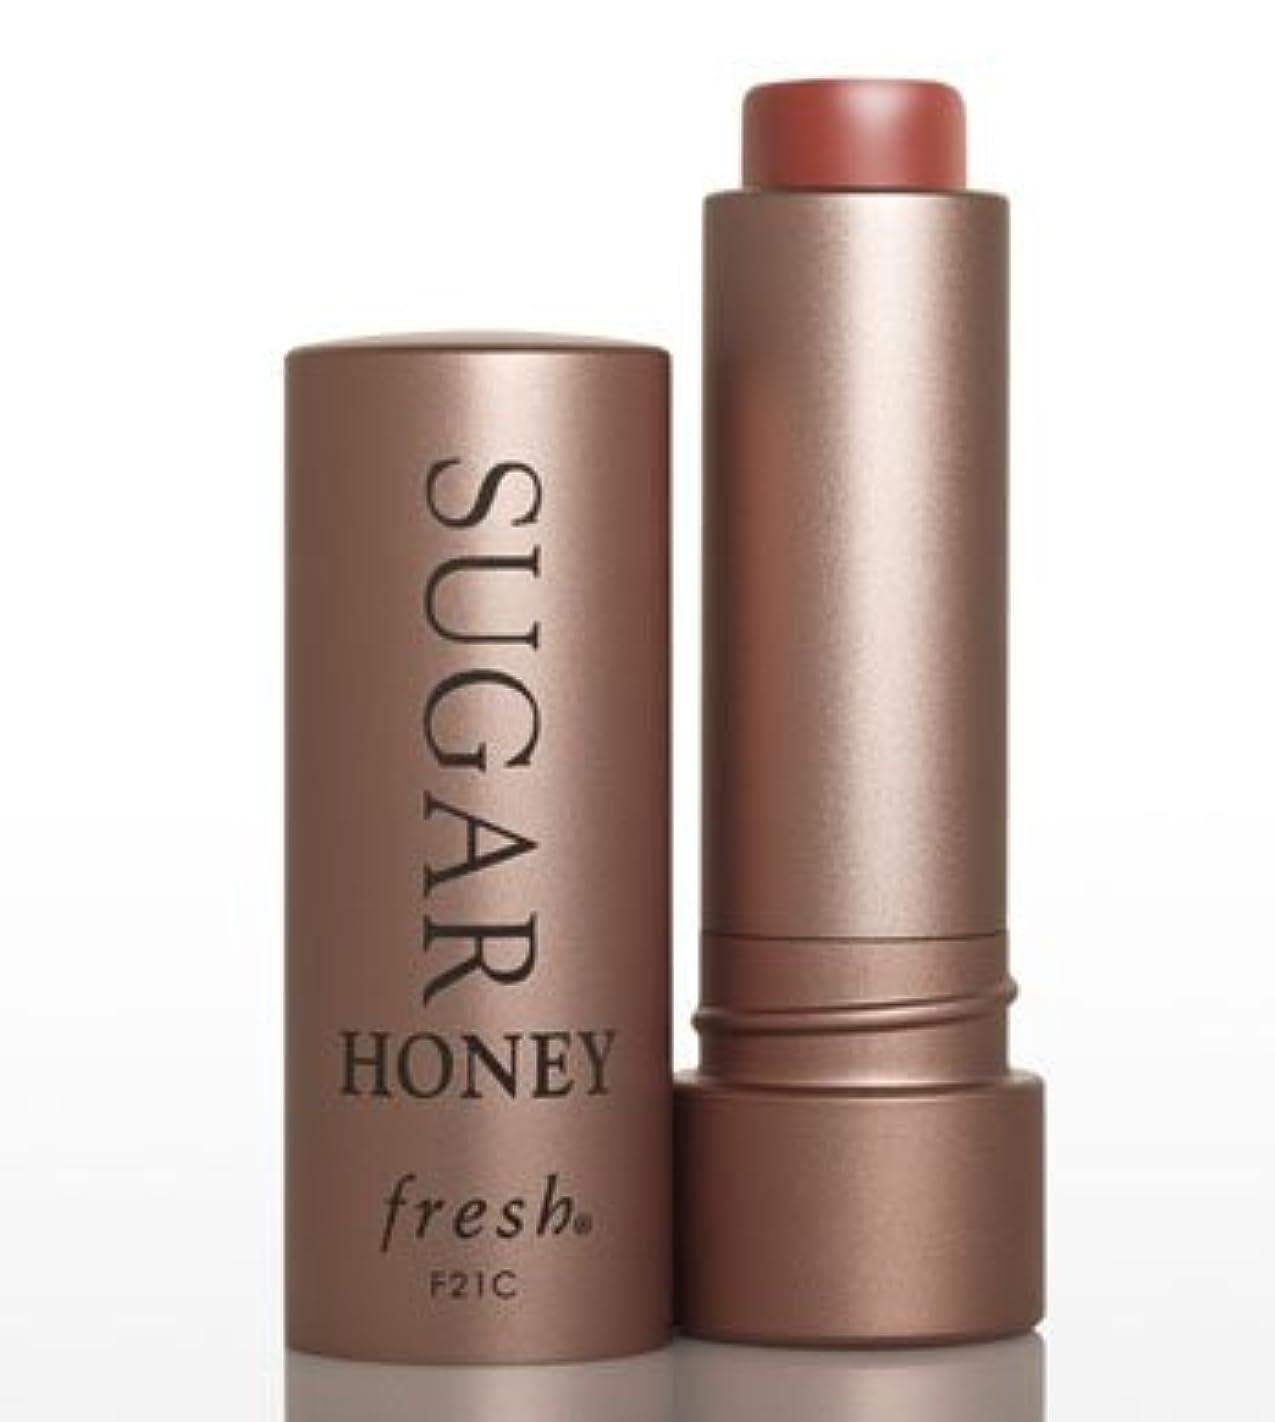 切り下げ添加賞賛するFresh SUGAR Honey TINTED LIP TREATMENT SPF15(フレッシュ シュガー ハニー ティンテッド リップ トリートメント SPF15) 0.15 oz (4.3g)